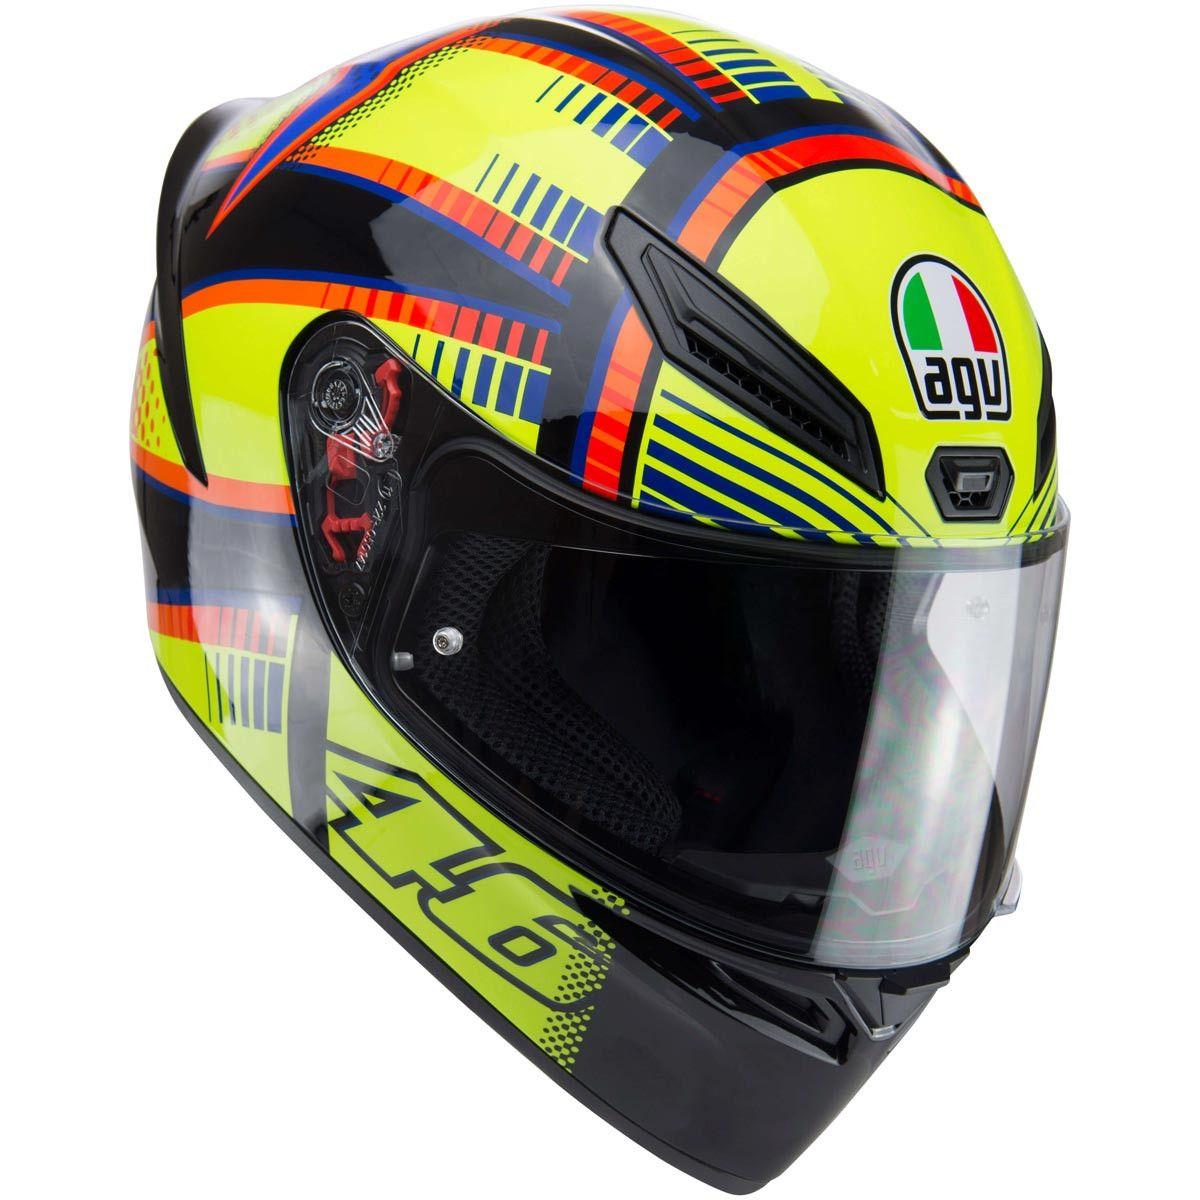 Agv K1 Soleluna 2015 Helmet Graphic Helmet Motorcycle Helmets Agv Helmets